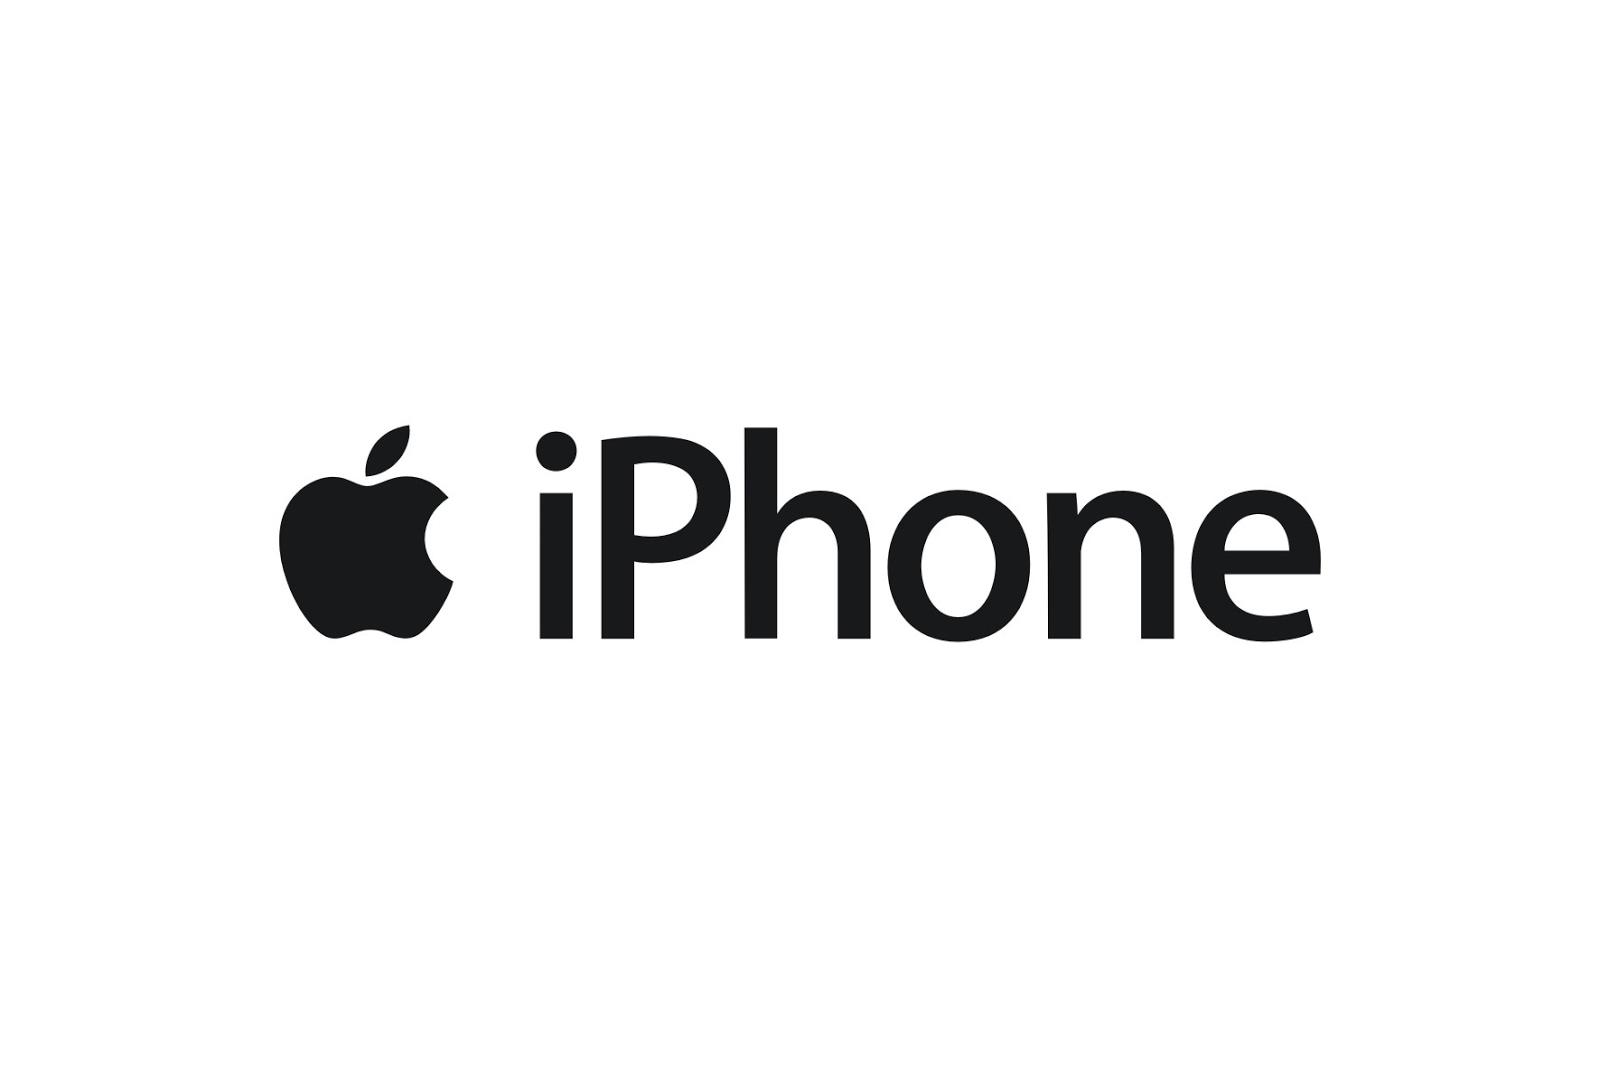 Стоит ли покупать iPhone 5S или все-таки подождать iPhone 6?